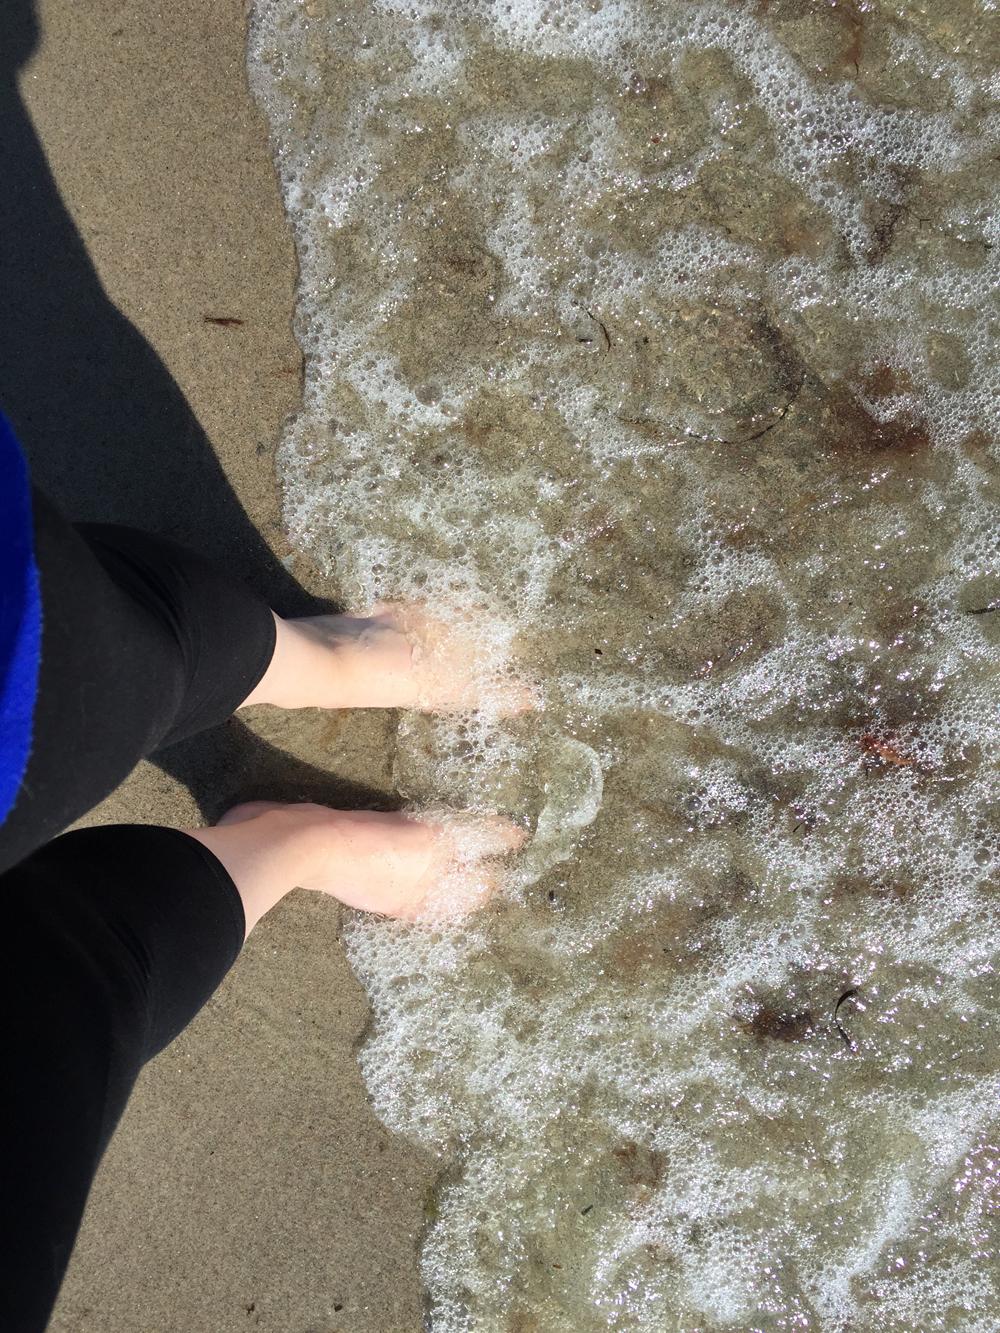 Rævetræf - Soppetur i havet